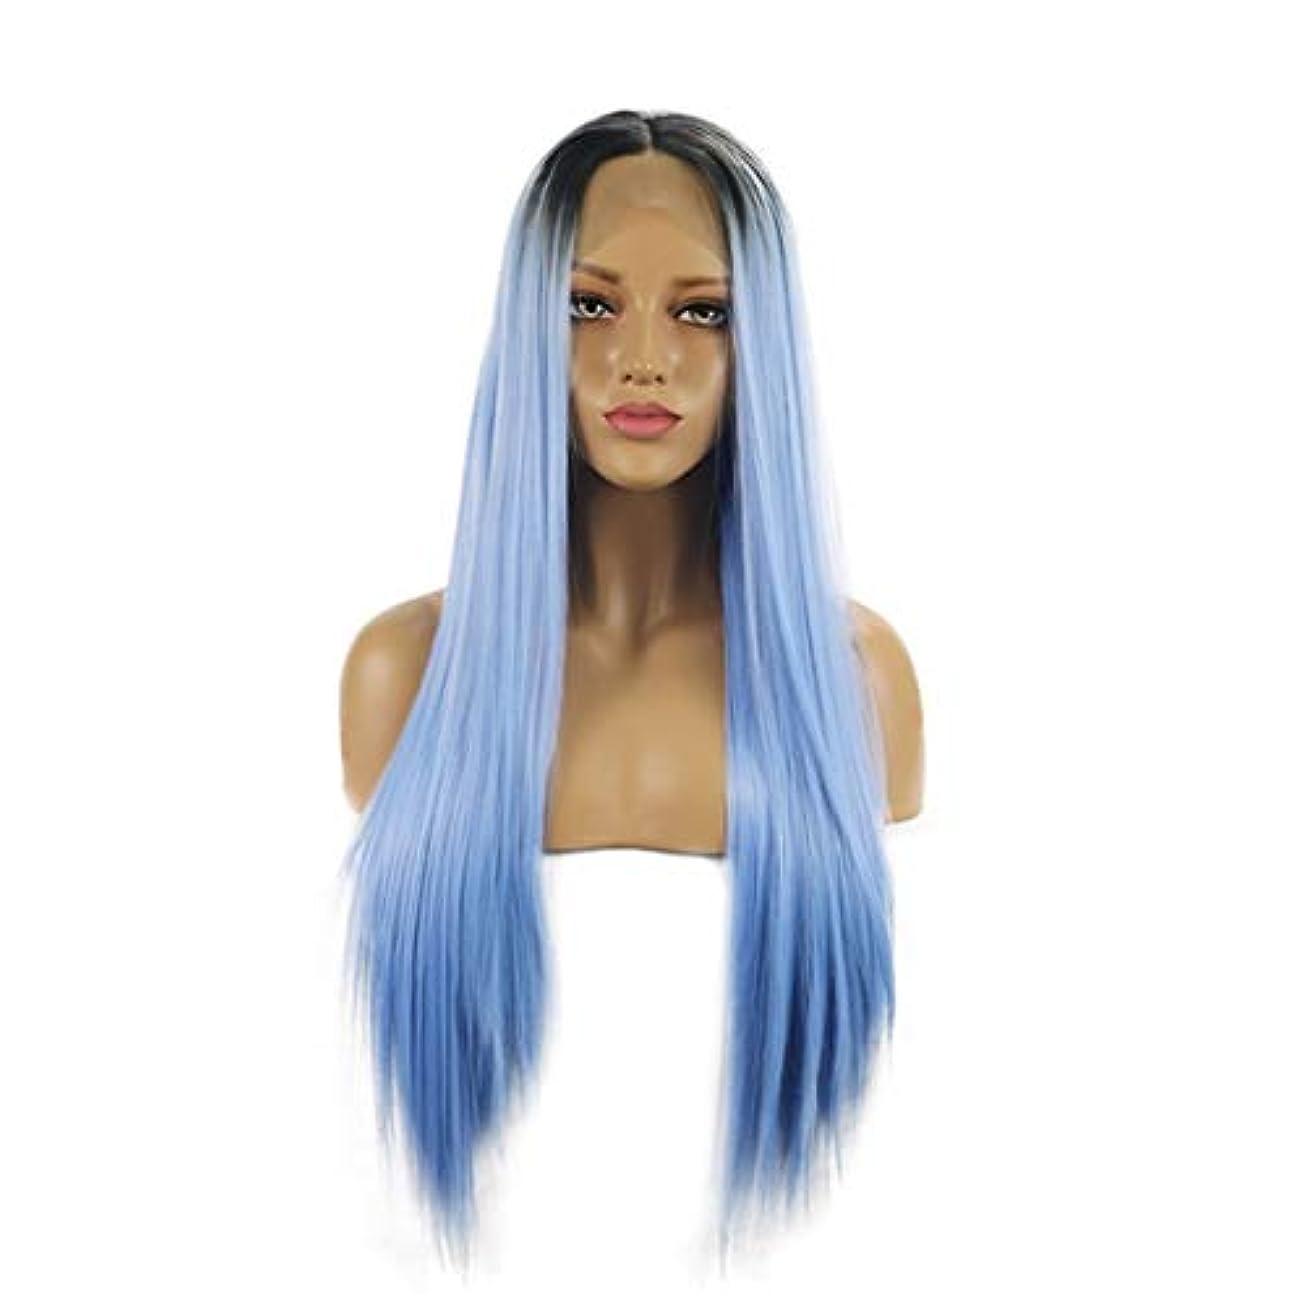 継承マグ交響曲Koloeplf 耐熱性の自然な女性のための長いまっすぐな総合的な毛のレースの前部かつら (Size : 26inch)